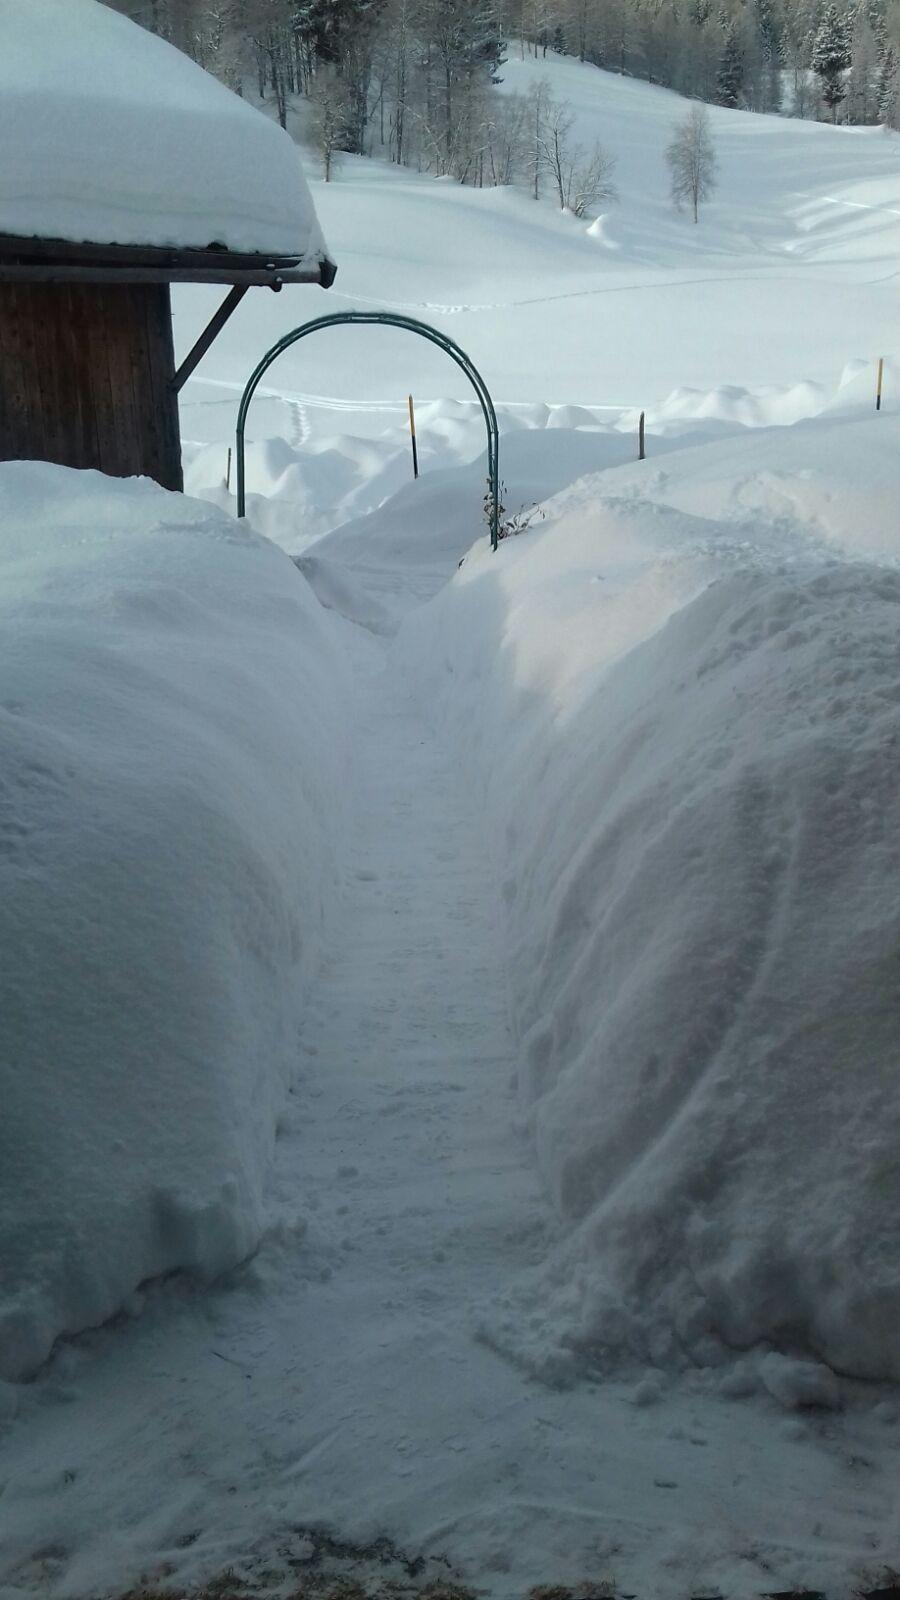 Soviel Schnee gibt es schon auch mal